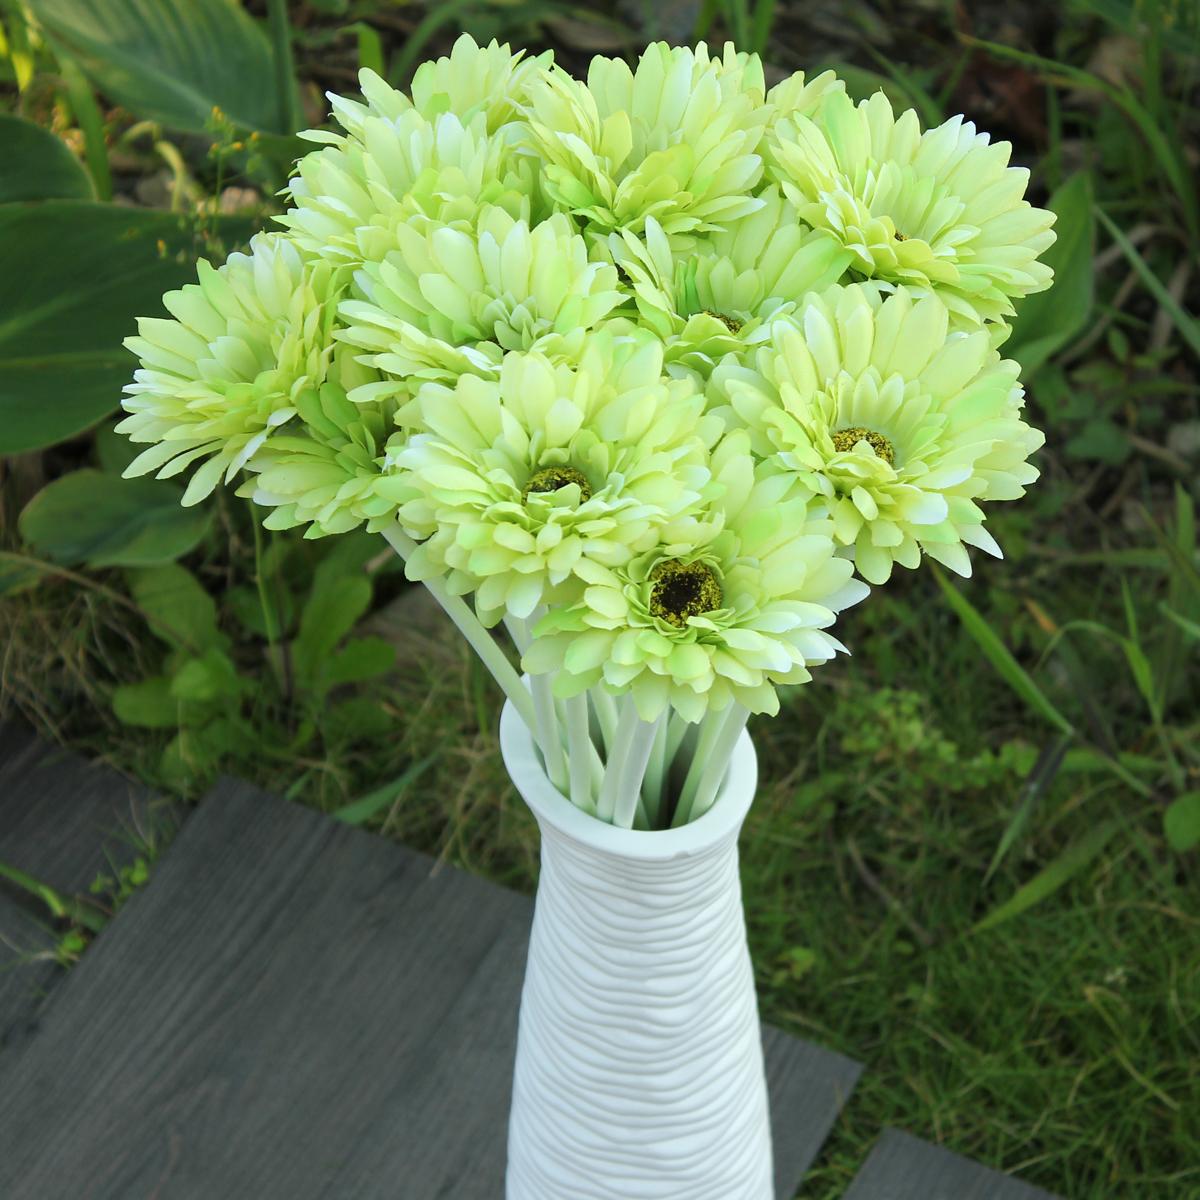 10 Heads Artificial Flower  Gerbera Gerber Daisy Bridal Bouquet Silk Wedding Party Home Garden Decor